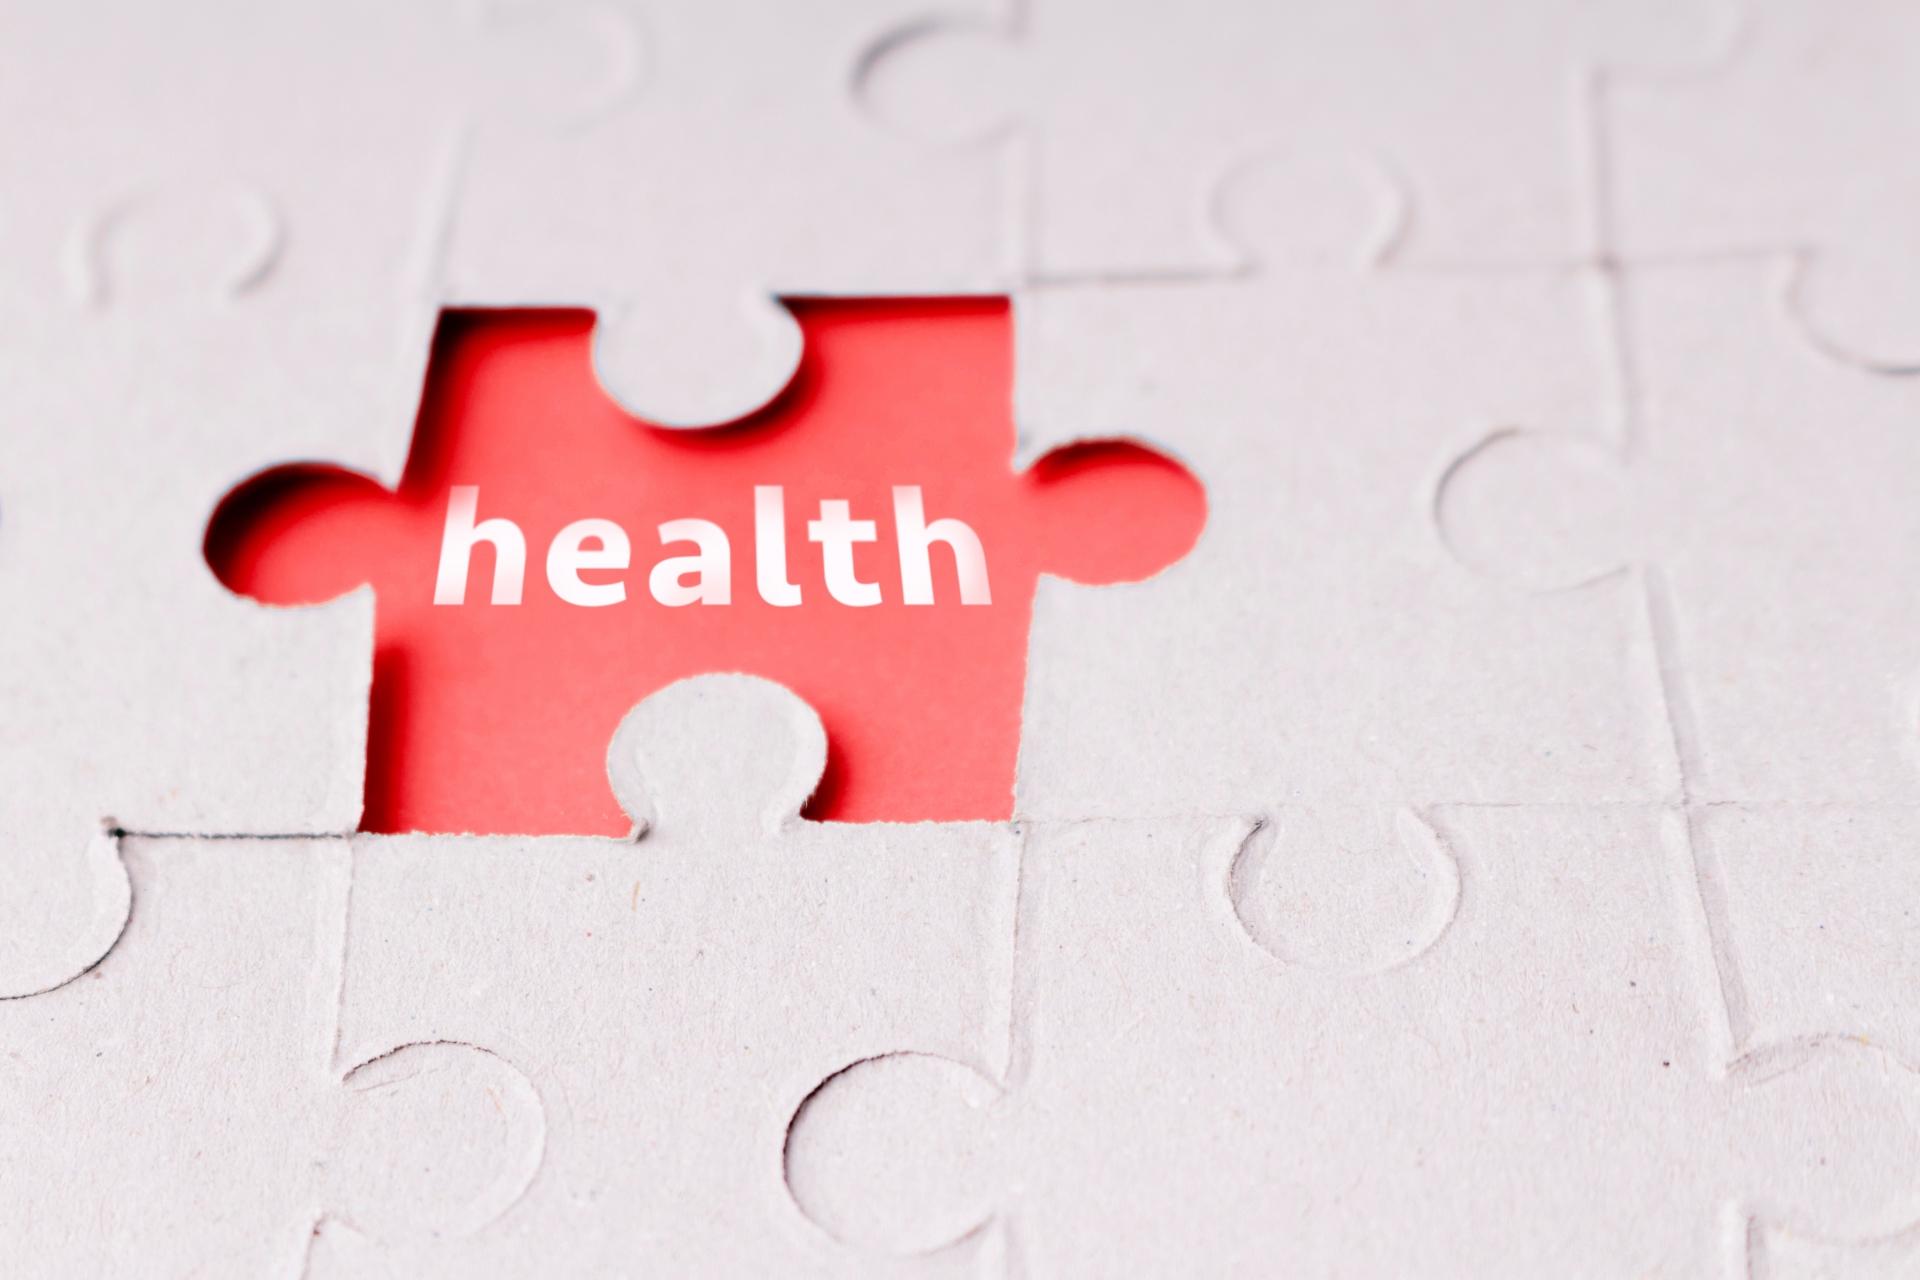 ヘルスと書かれたパズルのピース